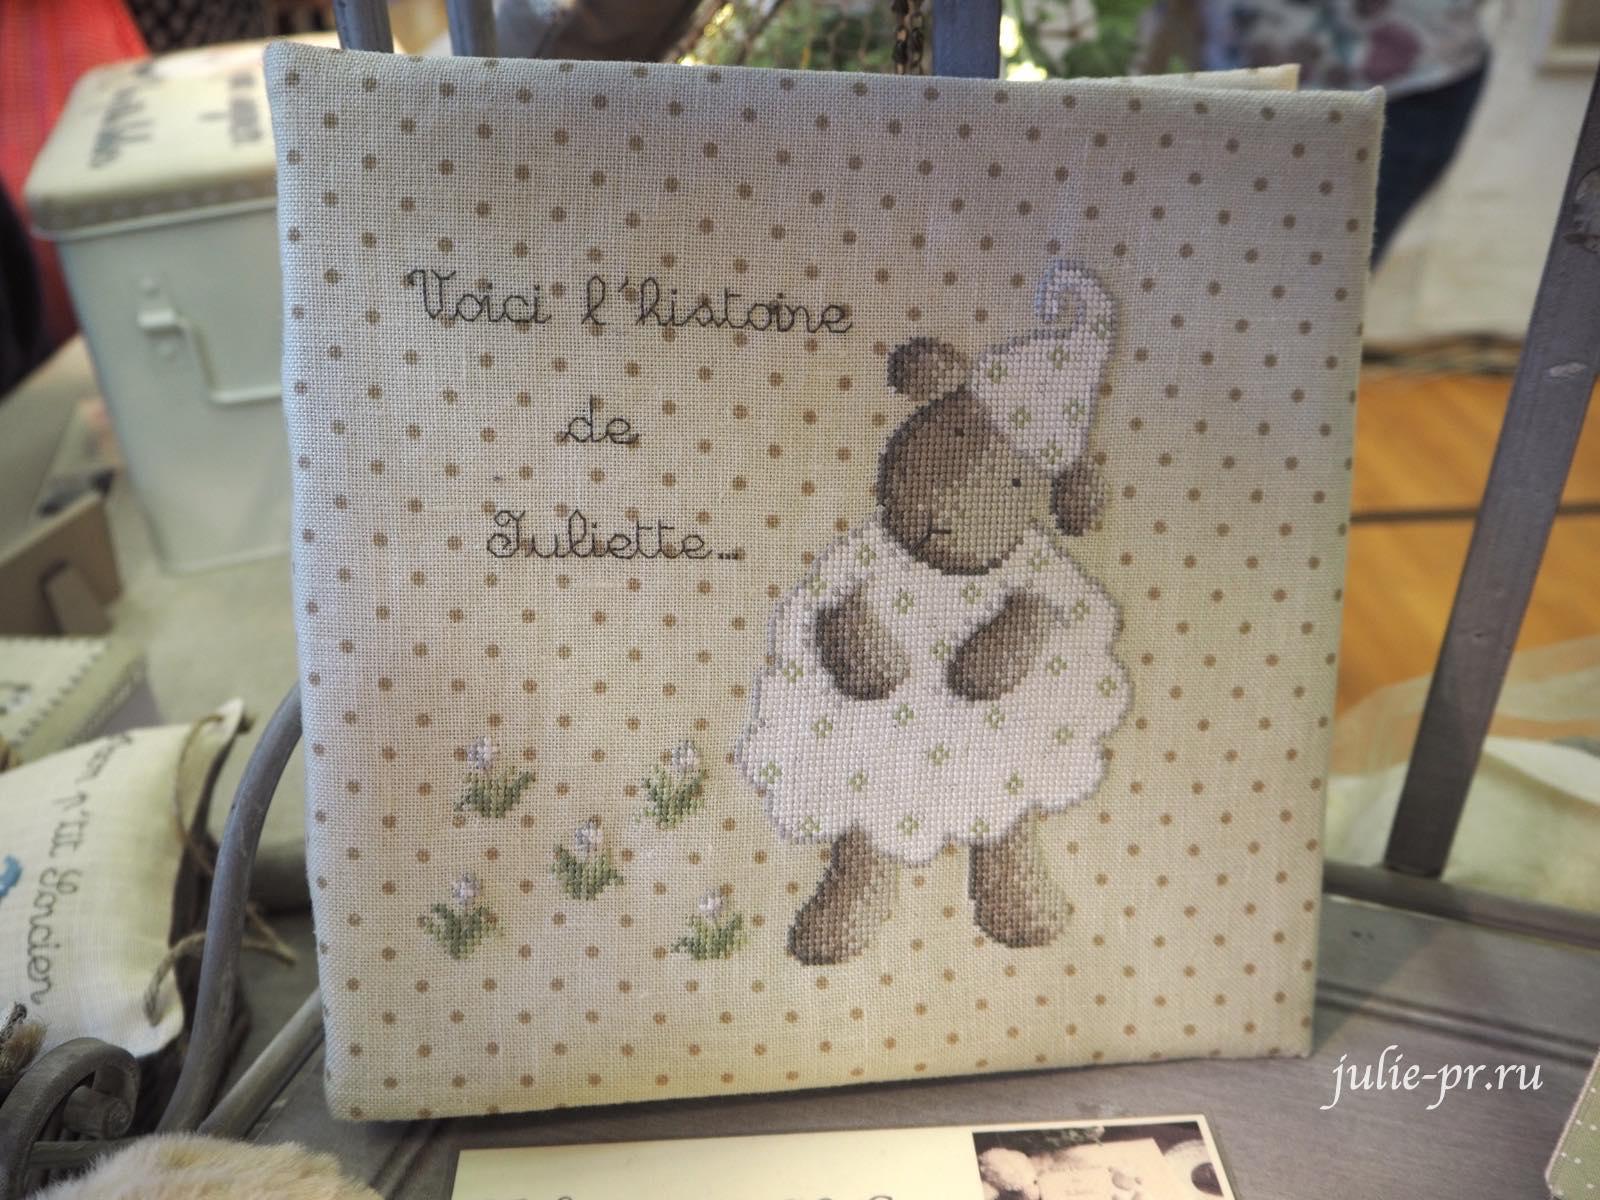 Le lin d'Isabelle - Mouton, вышивка крестом, Création autour du fil